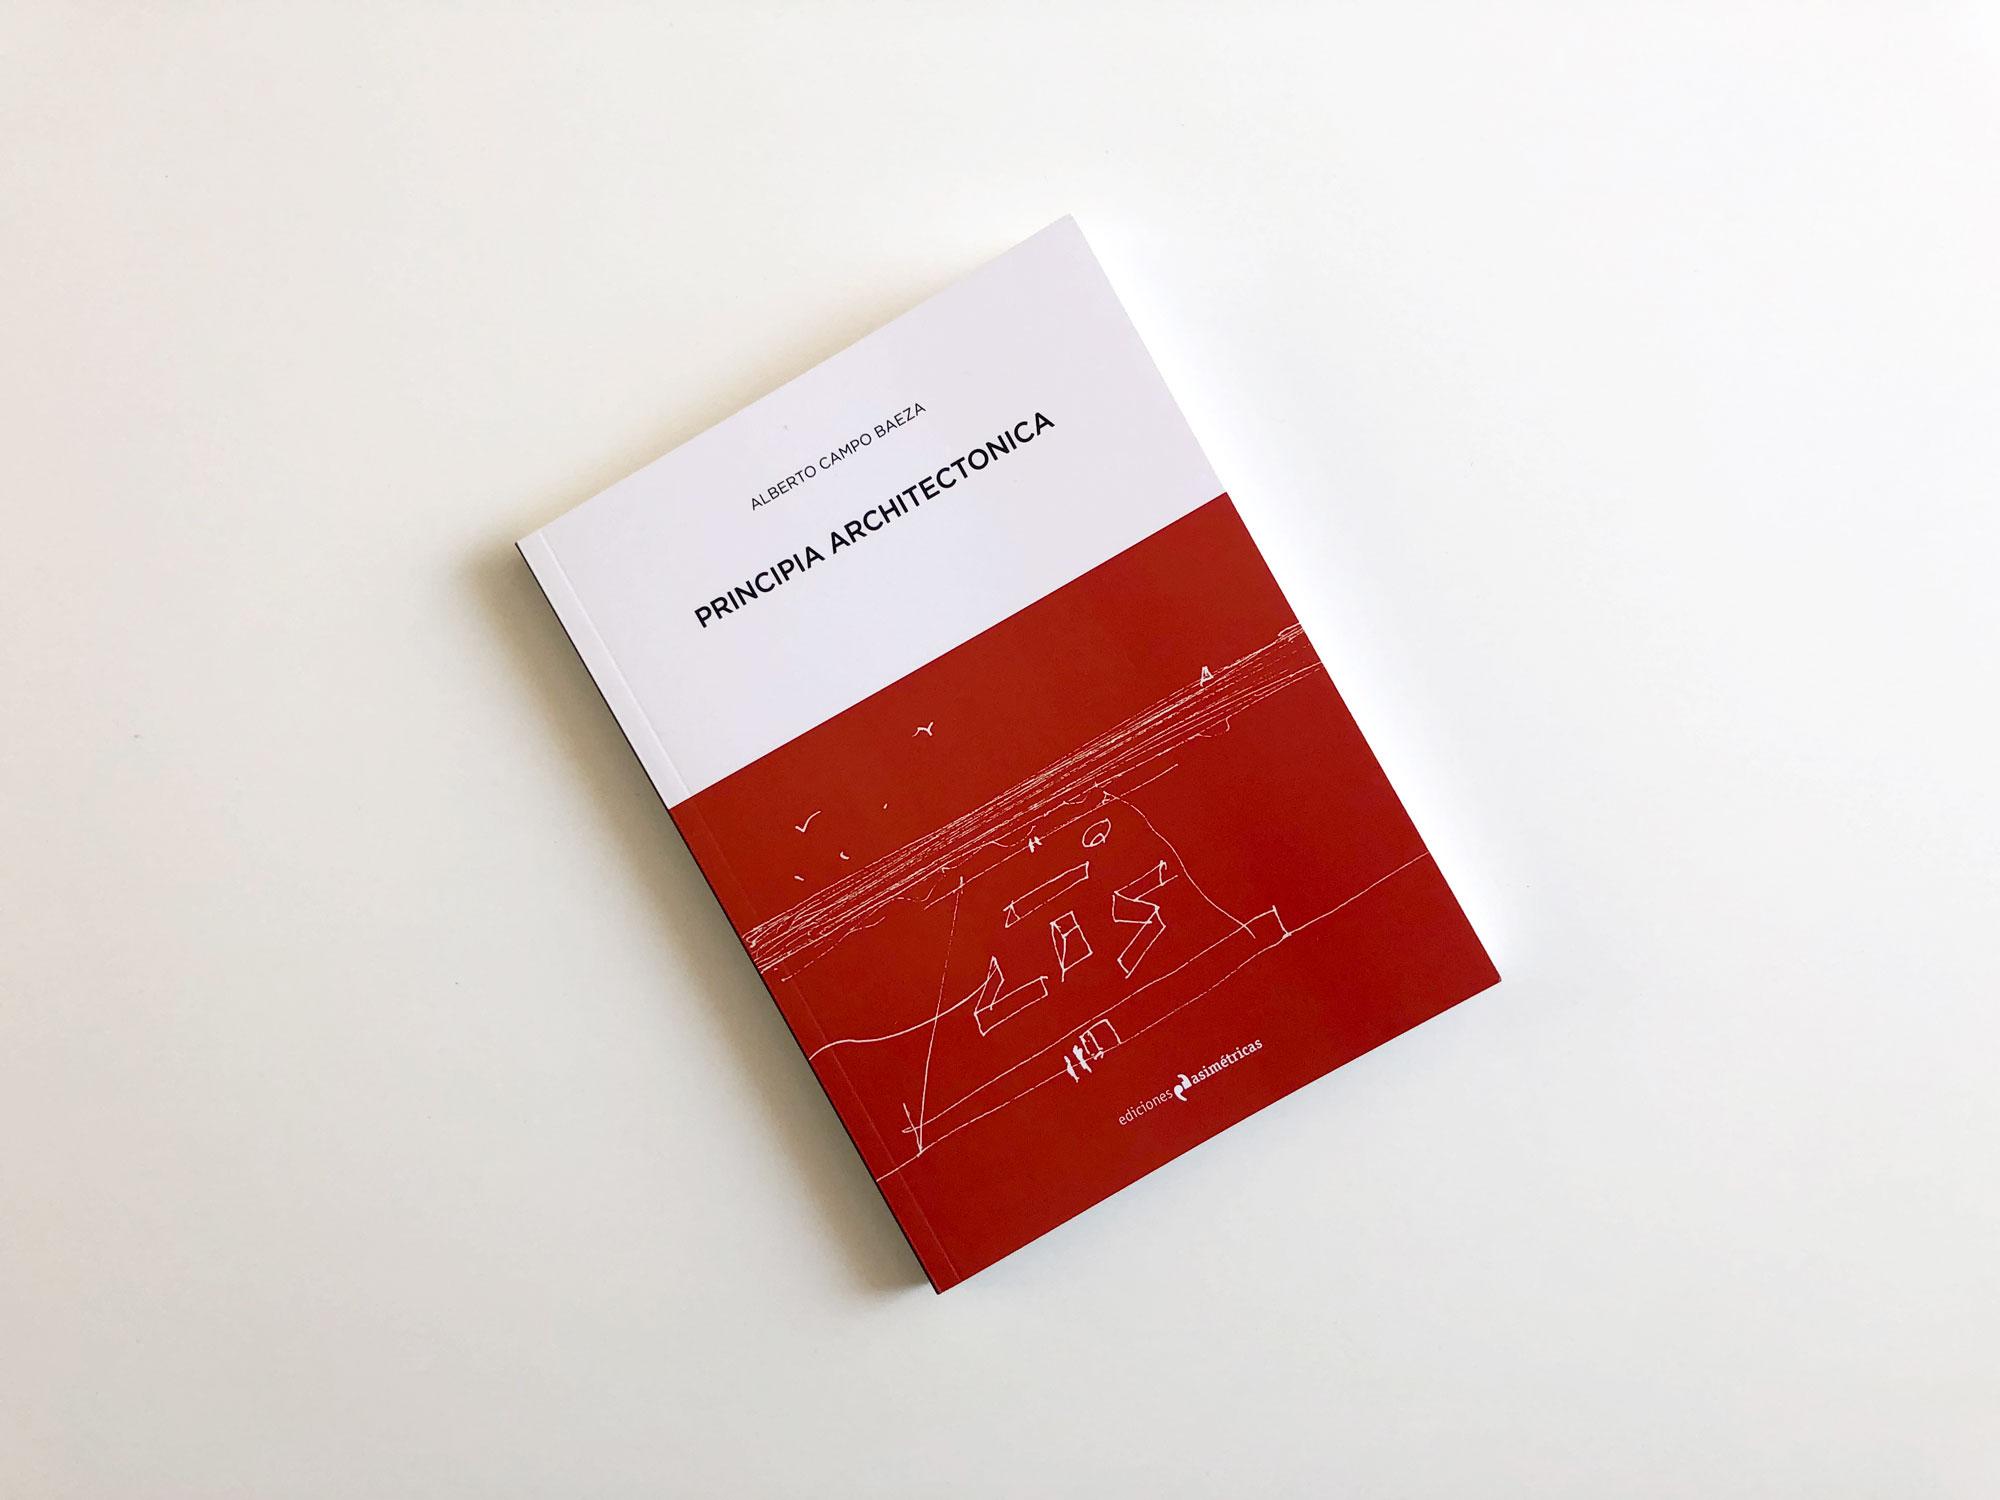 Principia architectonica 5 edición